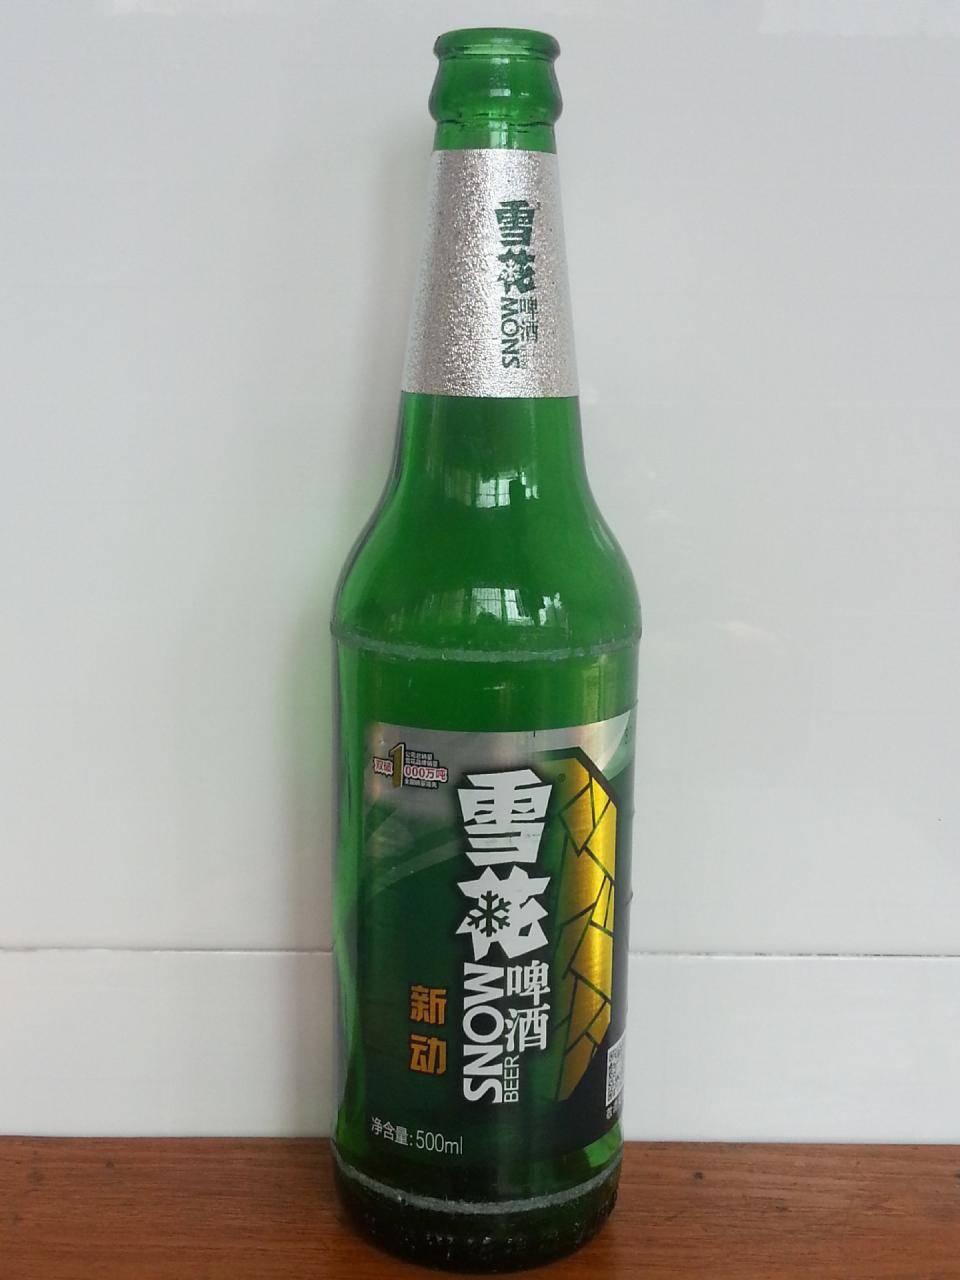 雪花啤酒的价格-一瓶雪花啤酒多少钱-大麦丫-精酿啤酒连锁超市,花元素科技感酒吧免费加盟